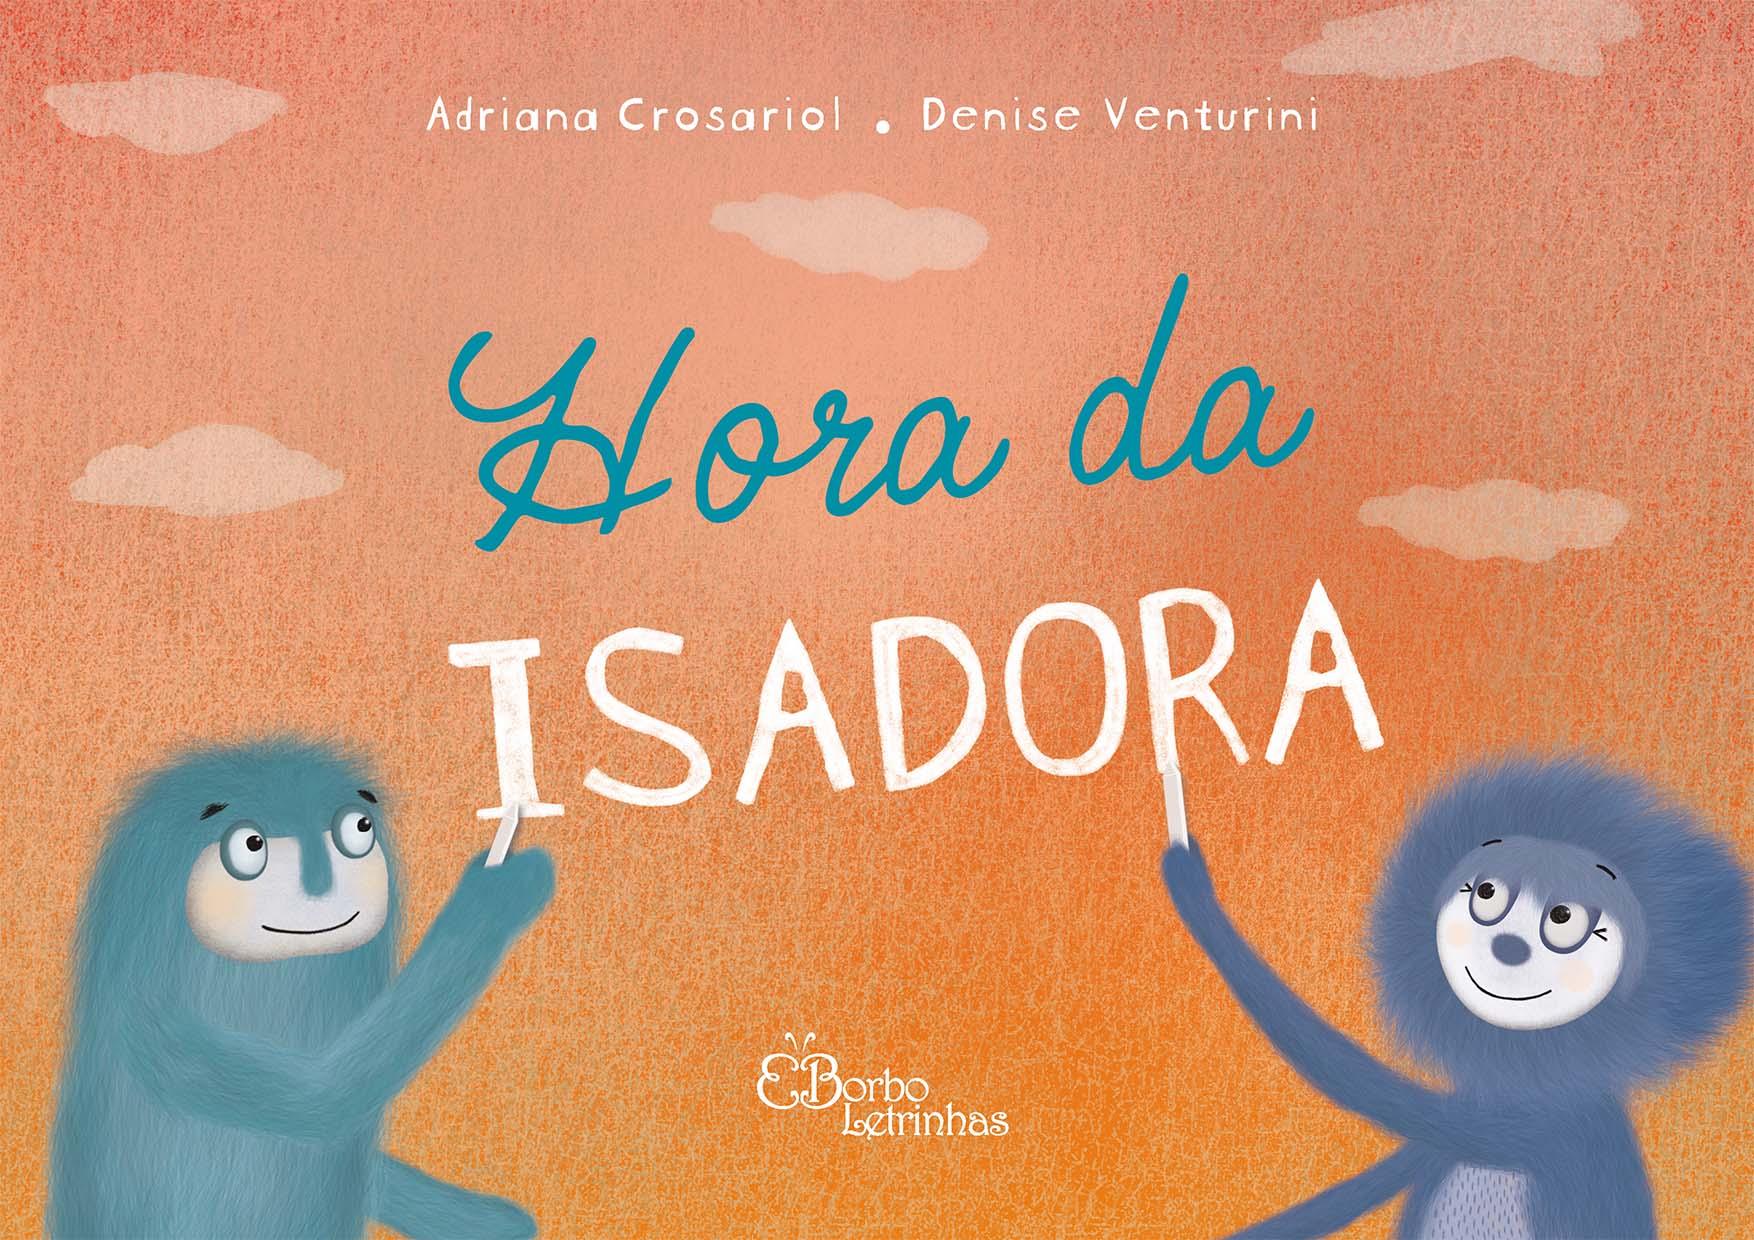 Hora da Isadora